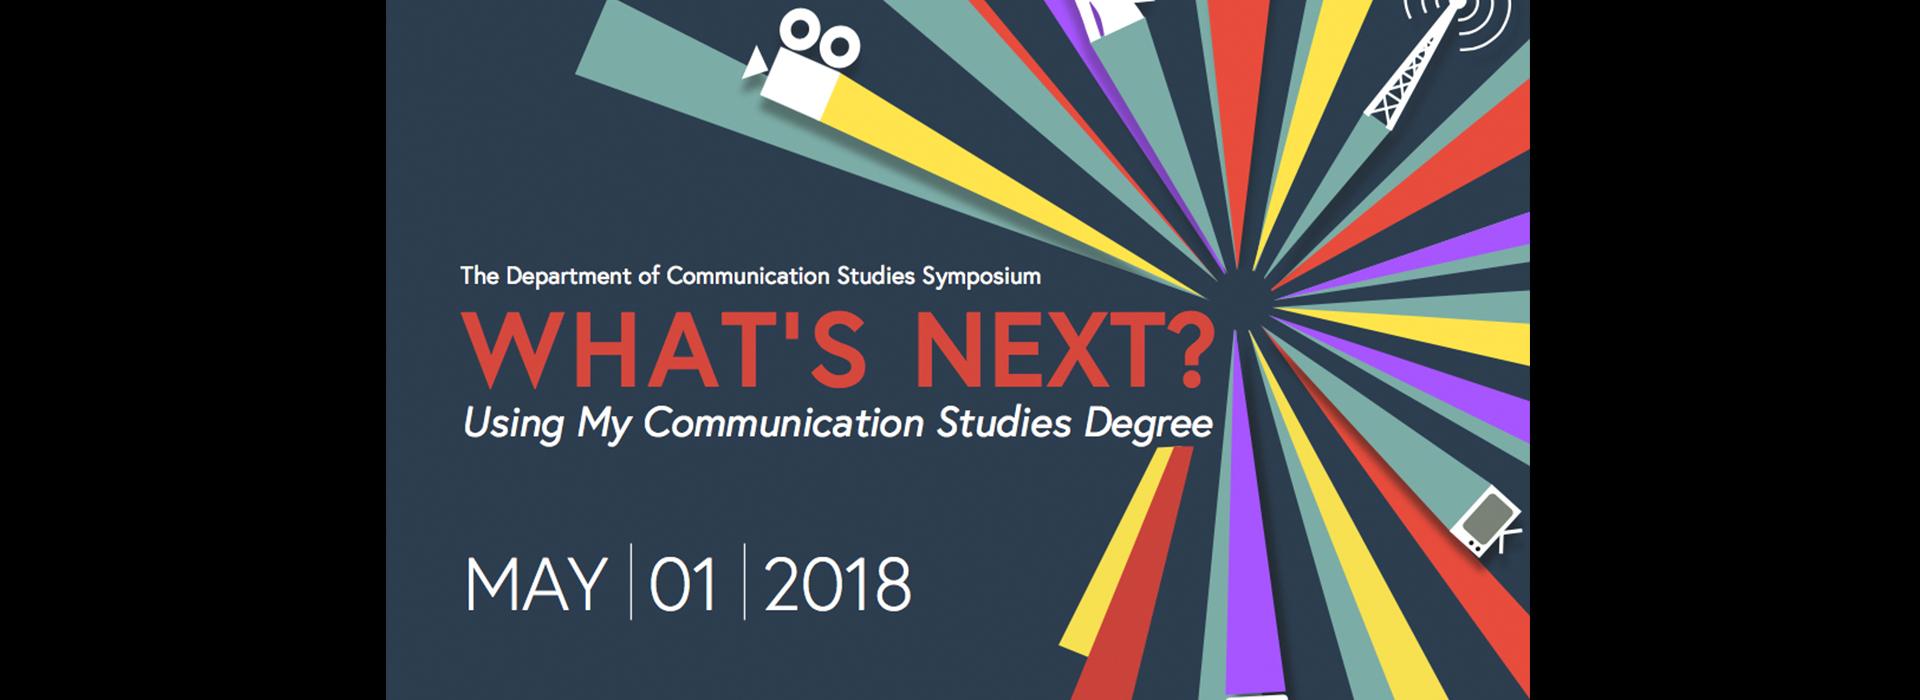 Communication symposium set for May 1